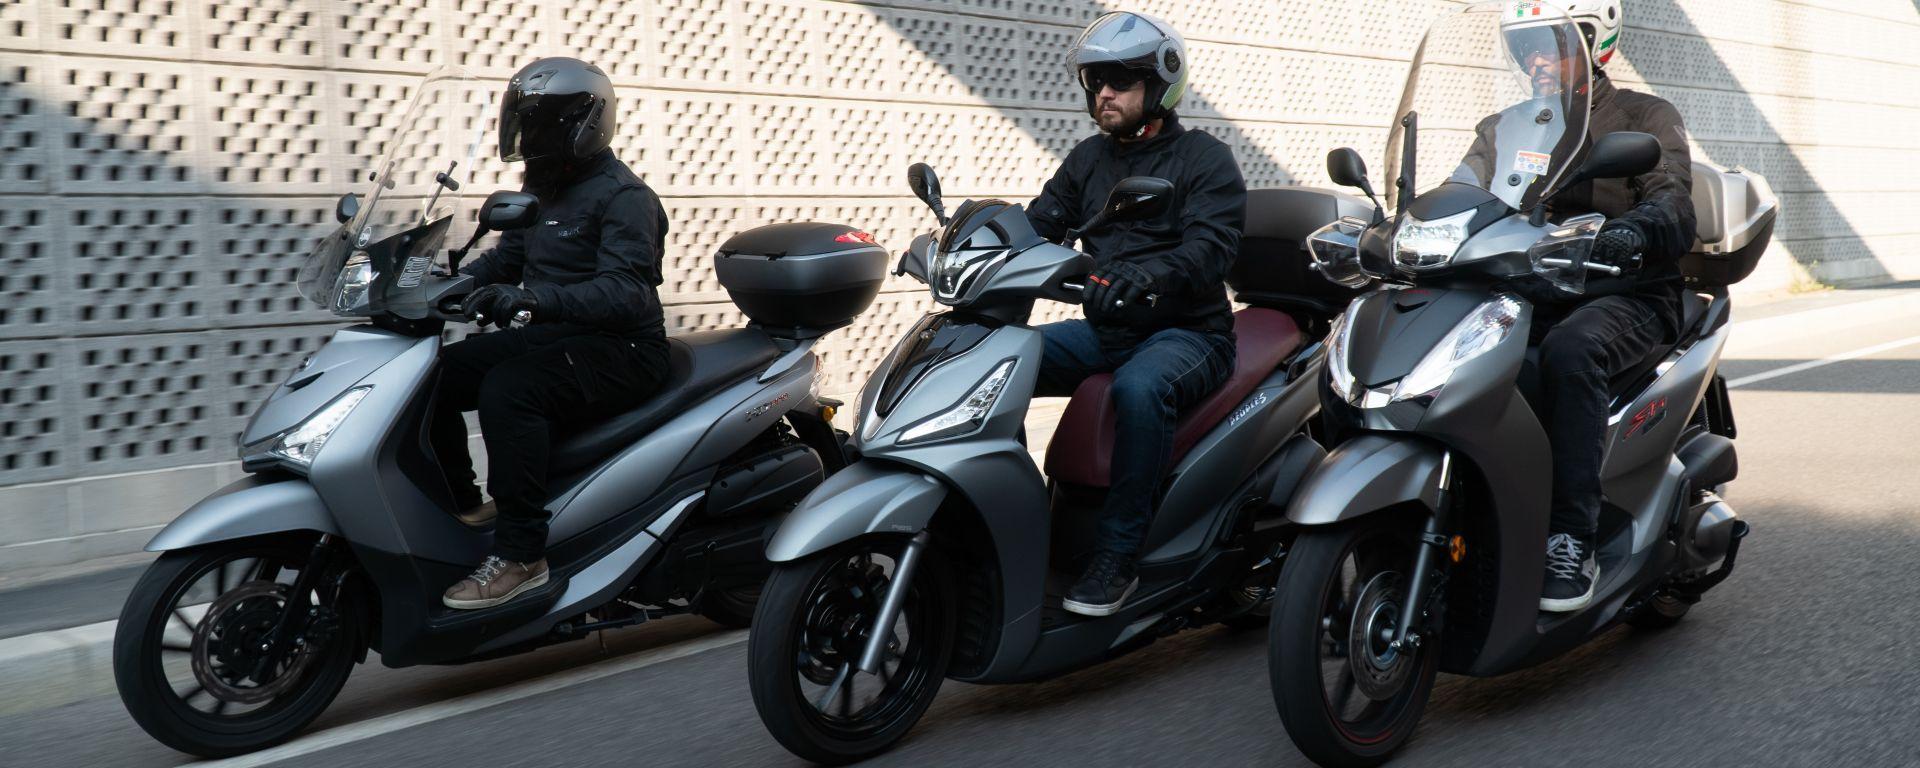 Honda, Kymco, Sym: la comparativa scooter 300 a ruote alte